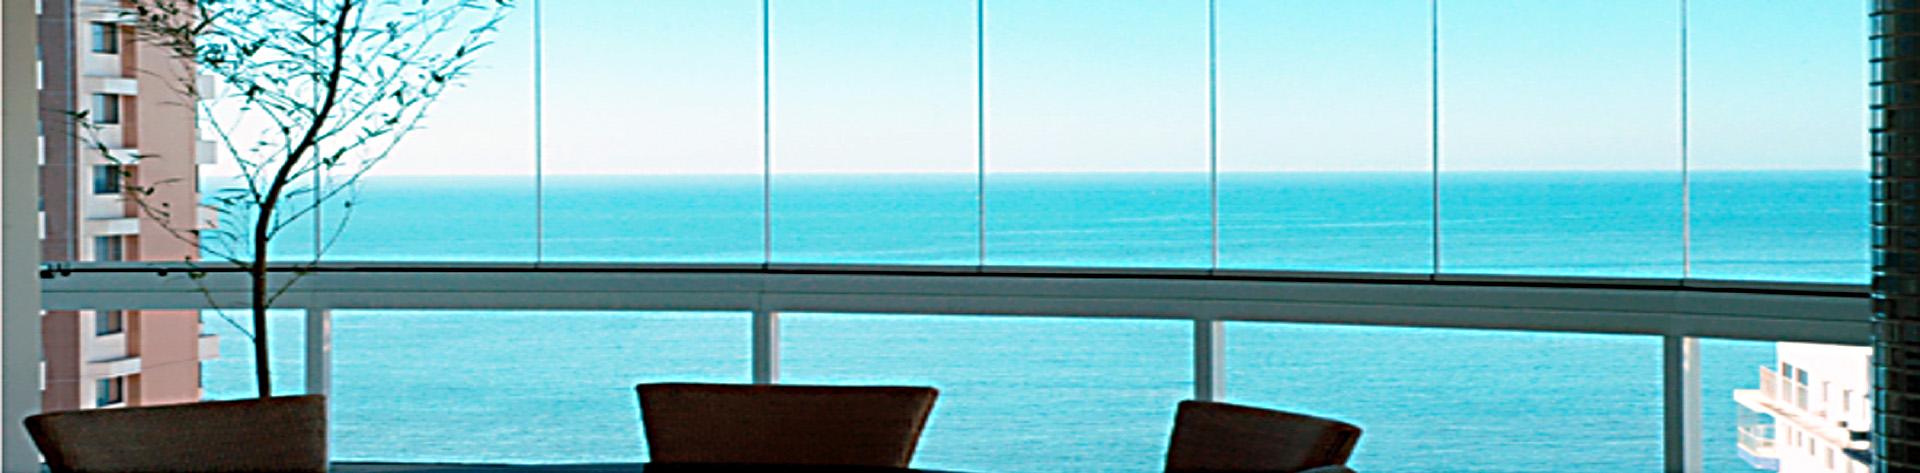 Mar vidros Vidraçaria - Vidros Temperados em Santos | São Vicente | Praia Grande | São Vicente | Cubatão | Baixada Santista